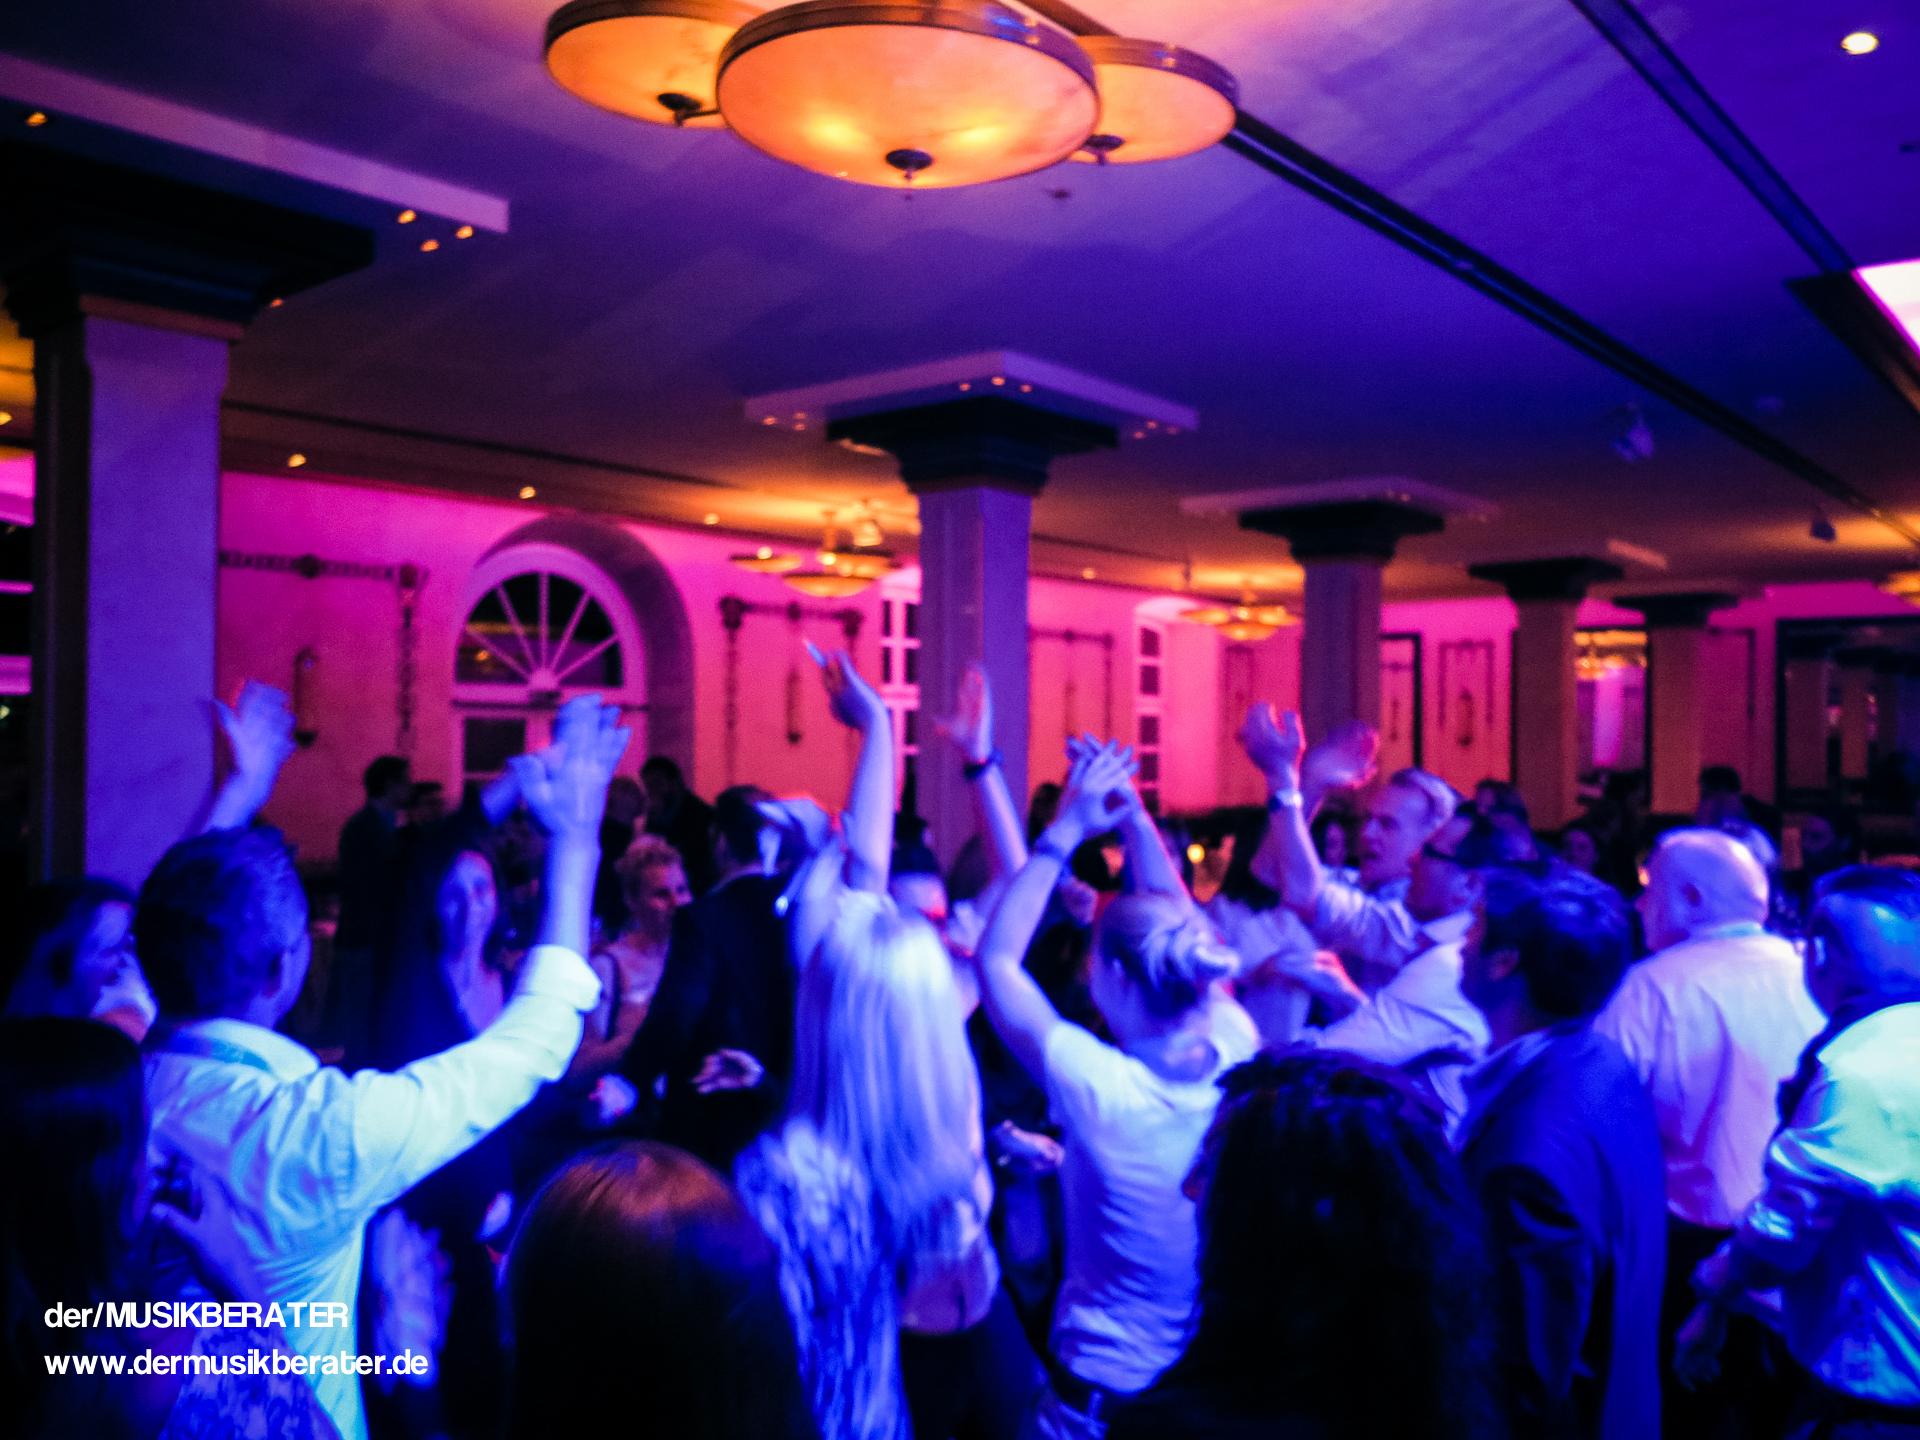 16 Wolkenburg DJ Event Messe Aftershow Party www.dermusikberater.de 04-2015